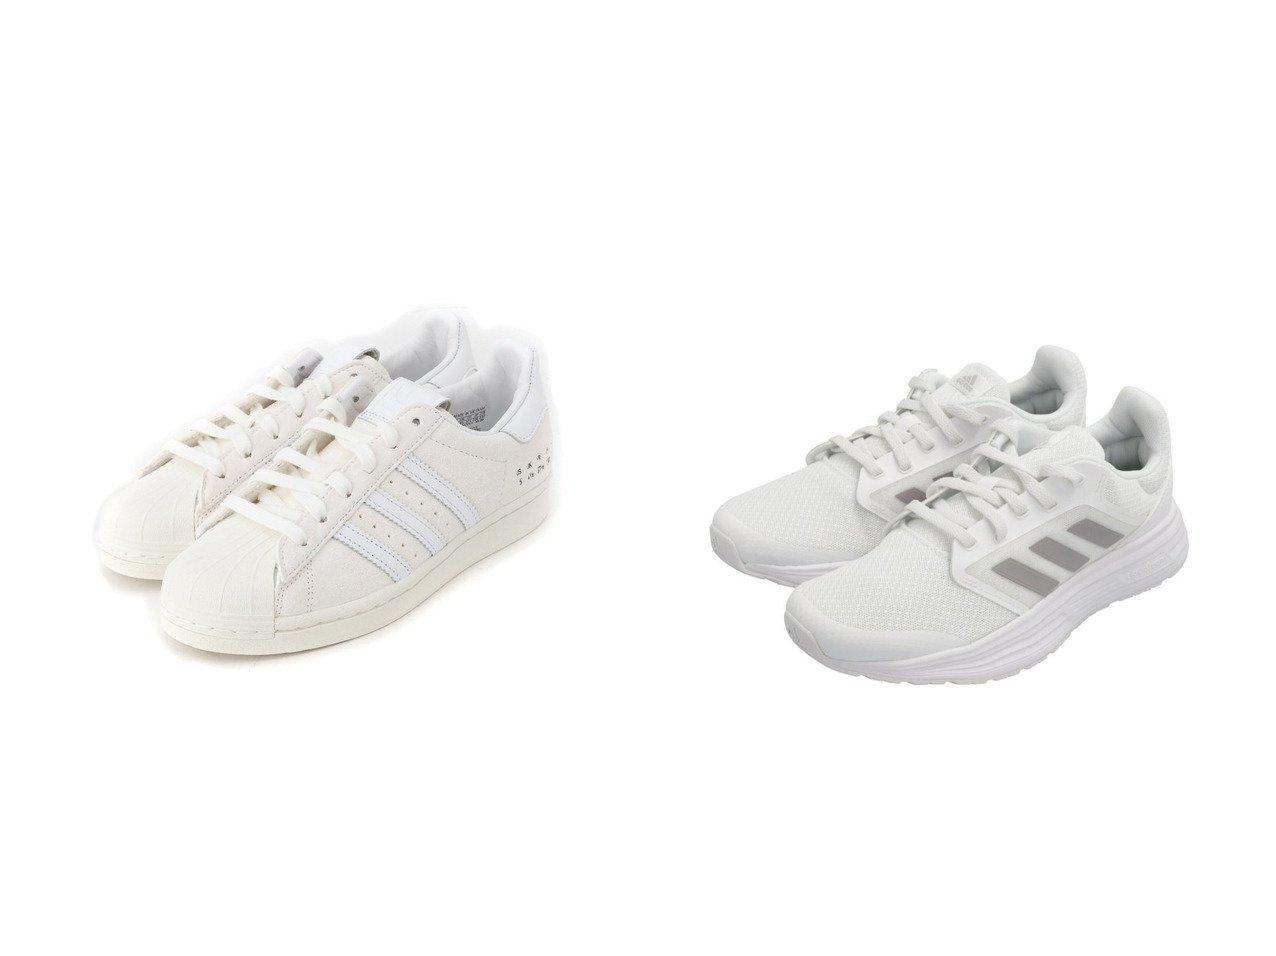 【adidas Sports Performance/アディダス スポーツ パフォーマンス】のギャラクシー 5 Galaxy 5 アディダス&【adidas Originals/アディダス オリジナルス】のスーパースター SUPERSTAR アディダスオリジナルス 【シューズ・靴】おすすめ!人気、トレンド・レディースファッションの通販 おすすめで人気の流行・トレンド、ファッションの通販商品 メンズファッション・キッズファッション・インテリア・家具・レディースファッション・服の通販 founy(ファニー) https://founy.com/ ファッション Fashion レディースファッション WOMEN クッション シューズ スニーカー スリッポン フィット ランニング レギュラー 軽量 スエード スタイリッシュ ストライプ プレミアム リュクス |ID:crp329100000030411